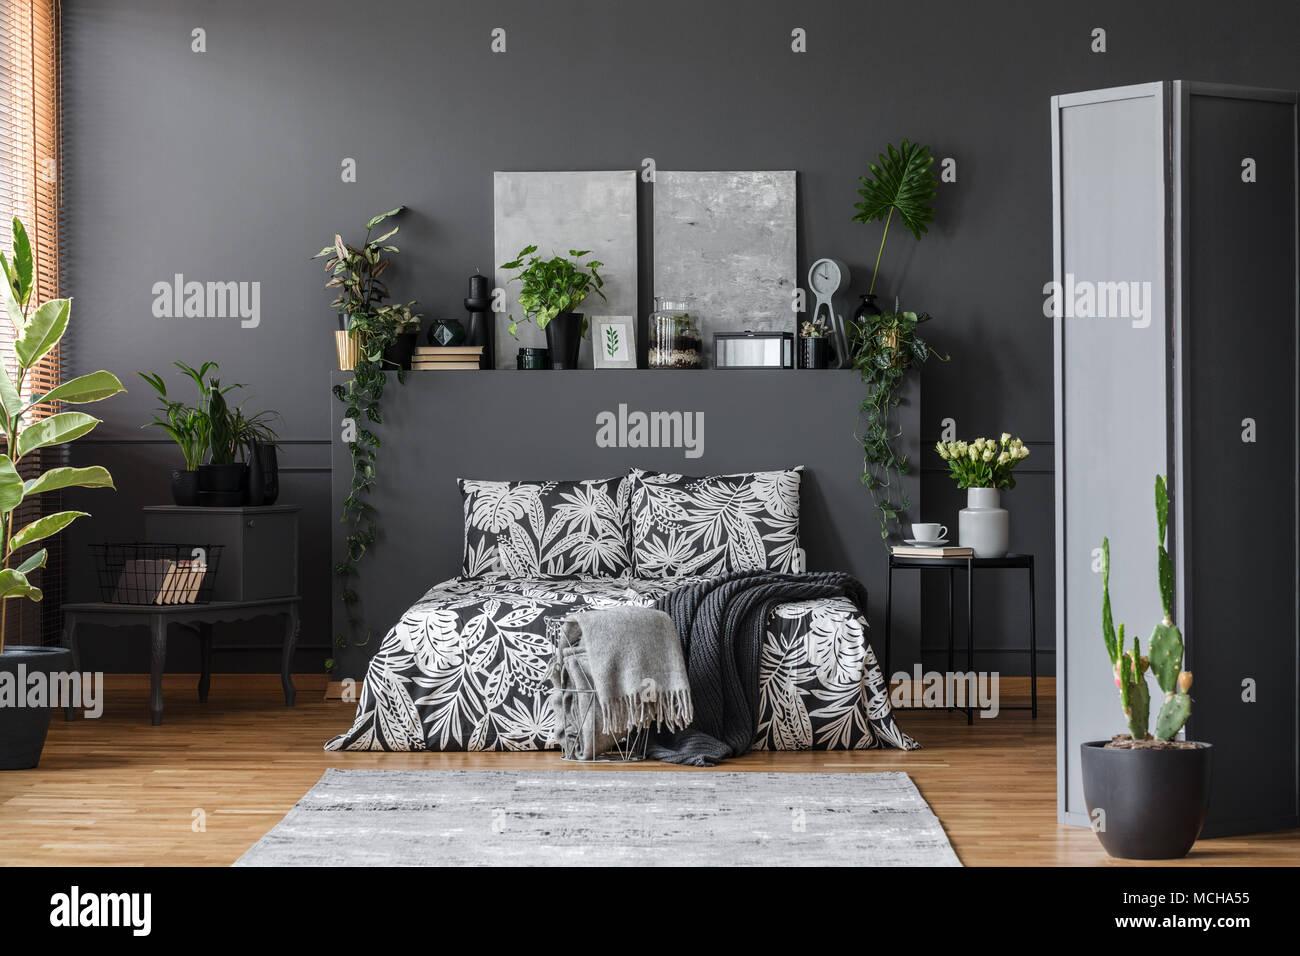 Coperta grigio sul letto modellato in camera da letto floreale ...